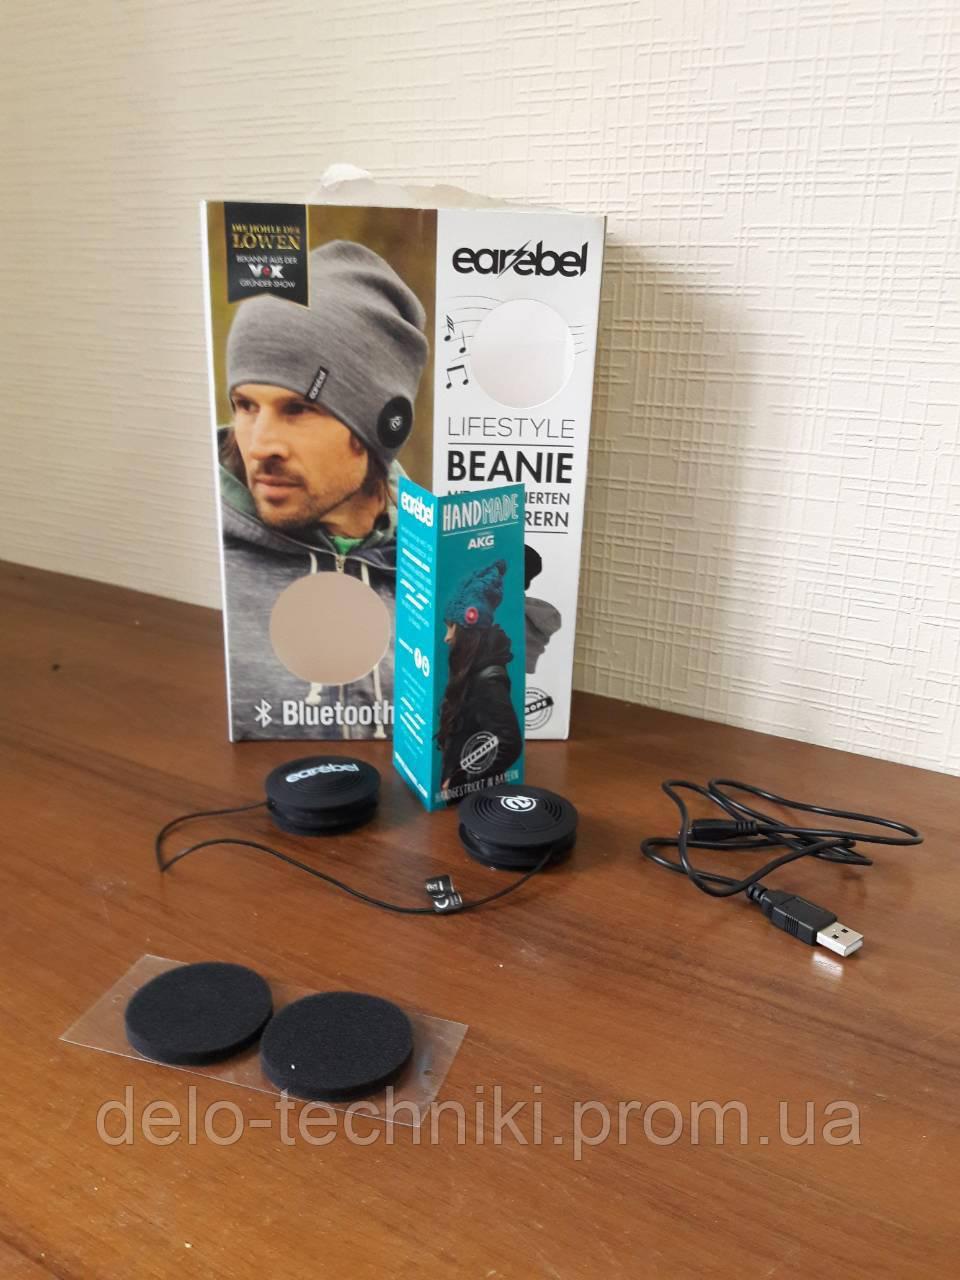 Беспроводные наушники Earebel